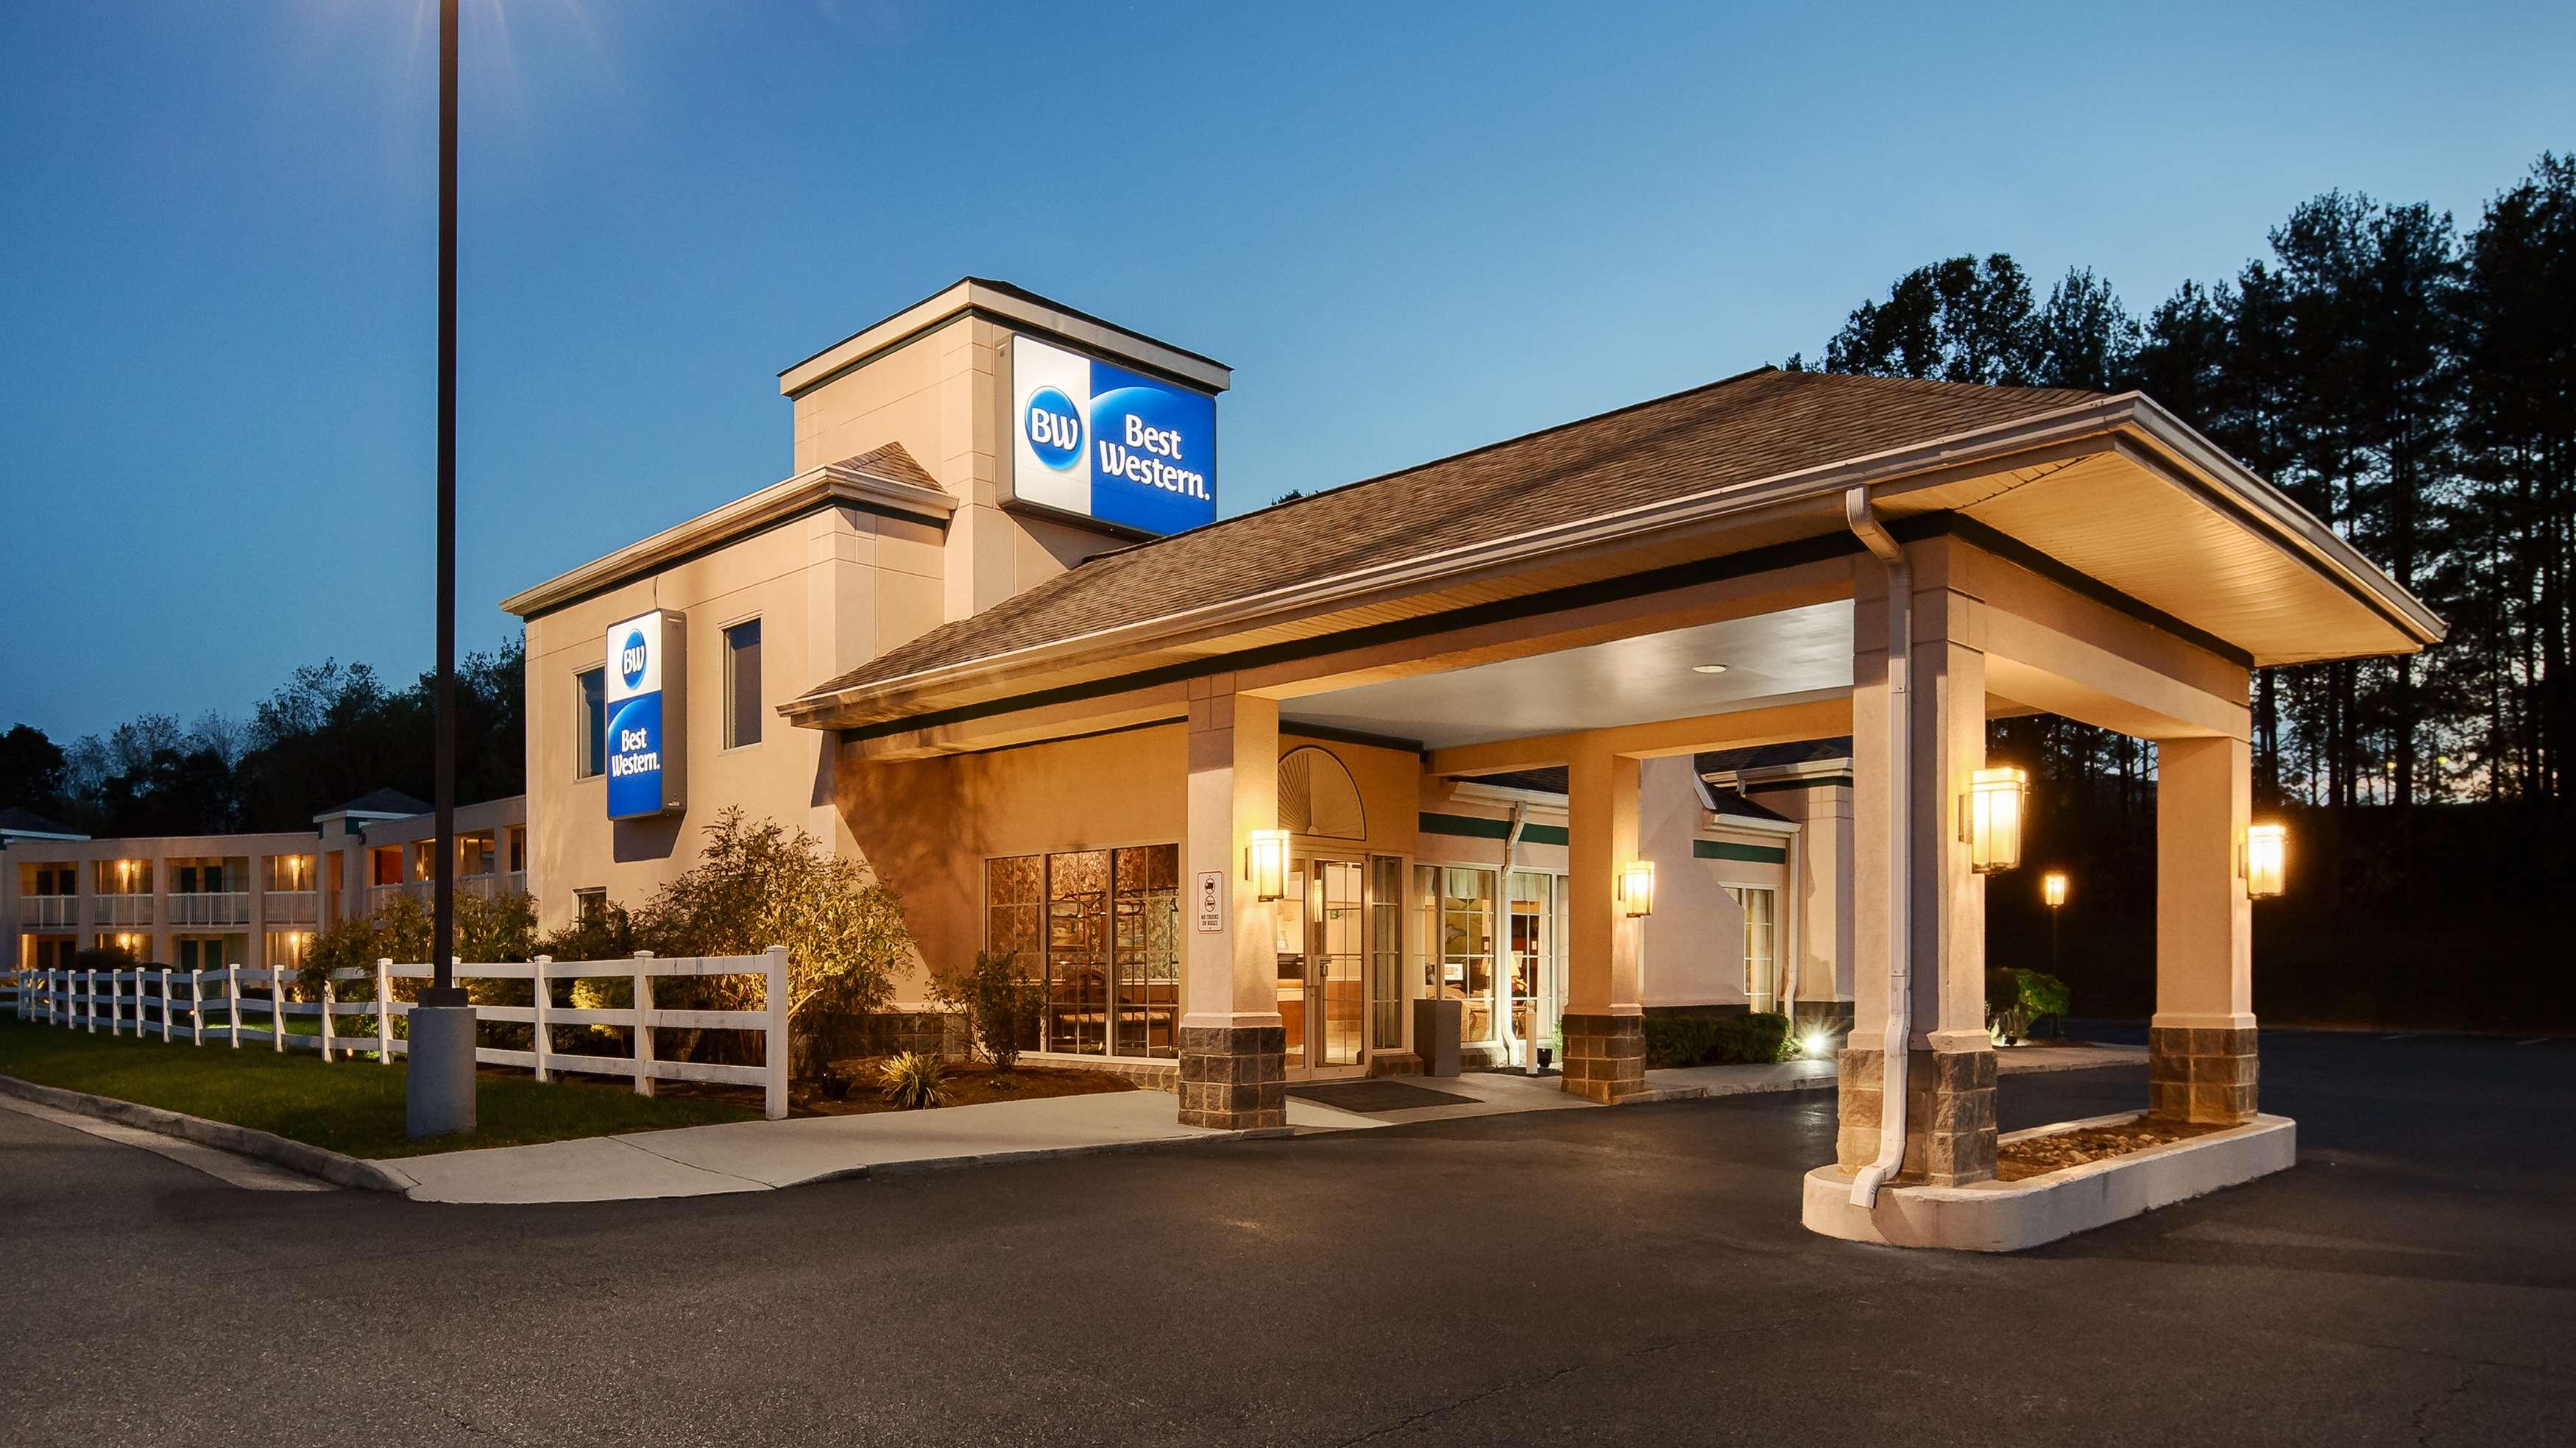 Hotels In Lexington Va Near I